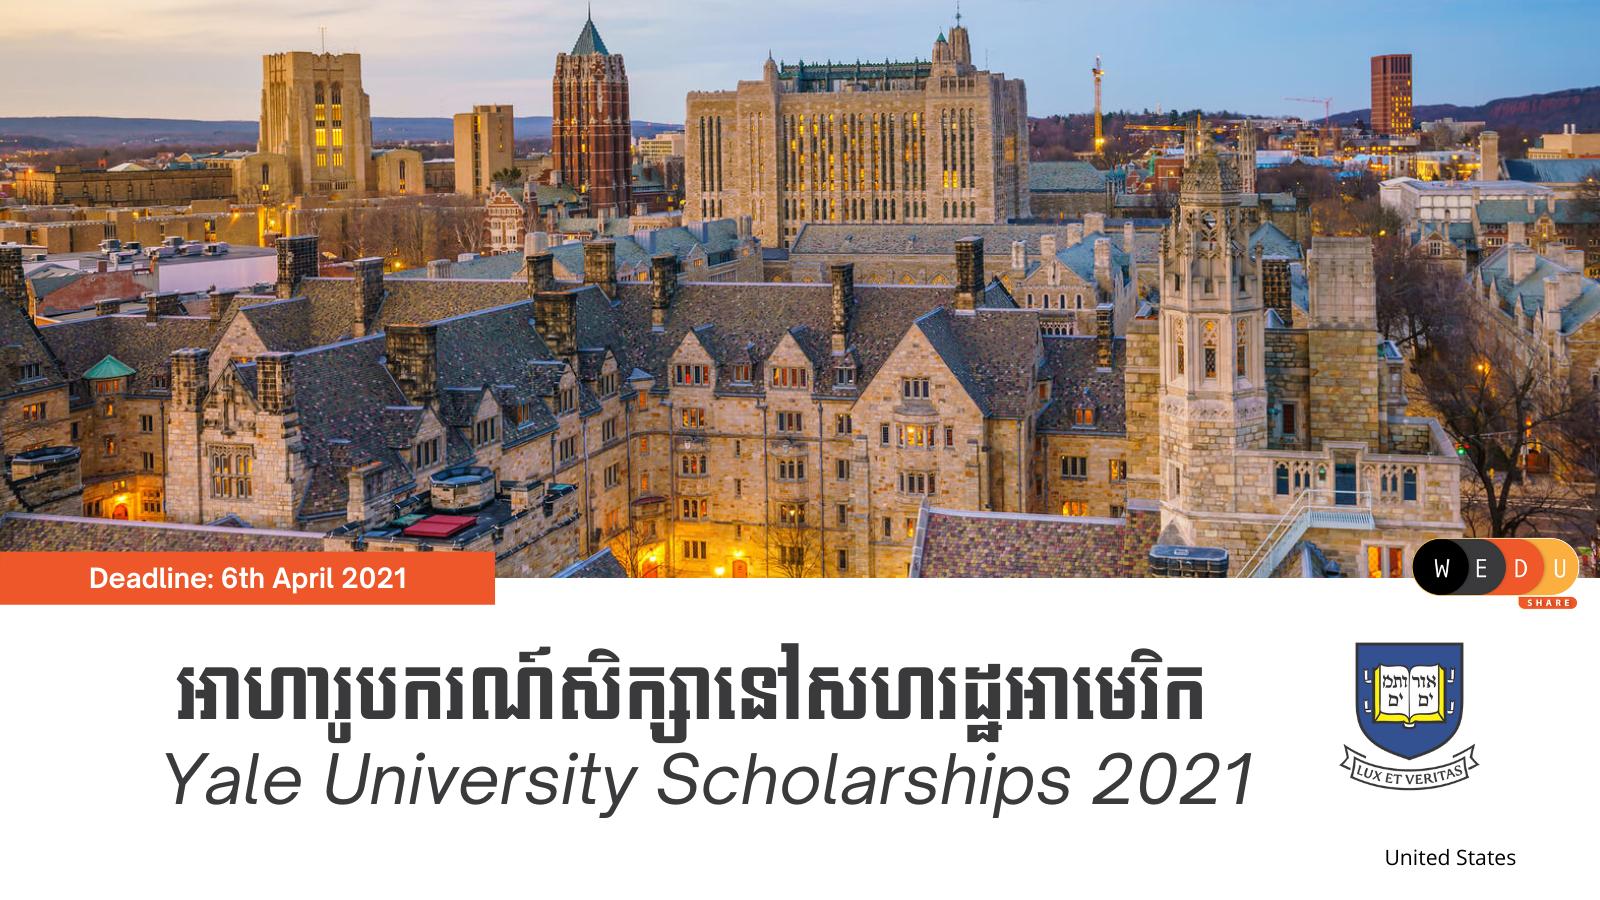 Yale University Scholarships 2021